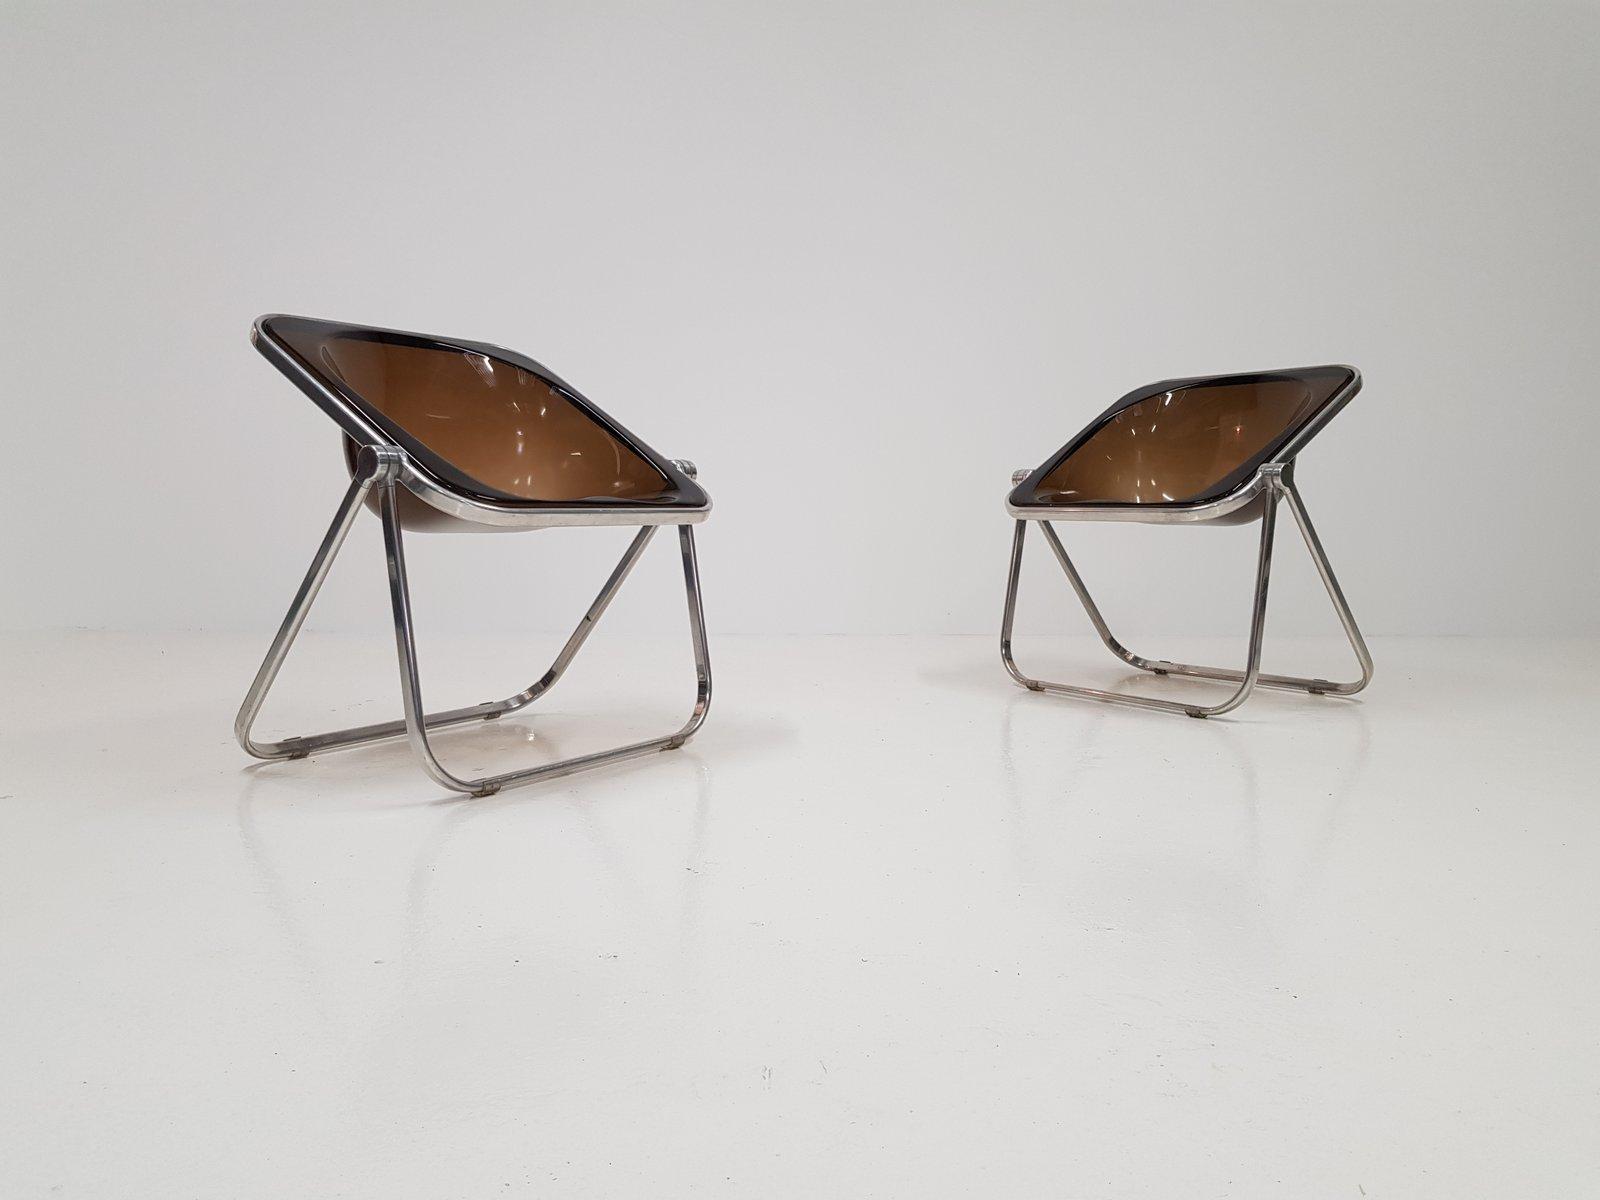 chaises pliables plona vintage par giancarlo piretti pour castelli set de 2 - Chaises Pliables